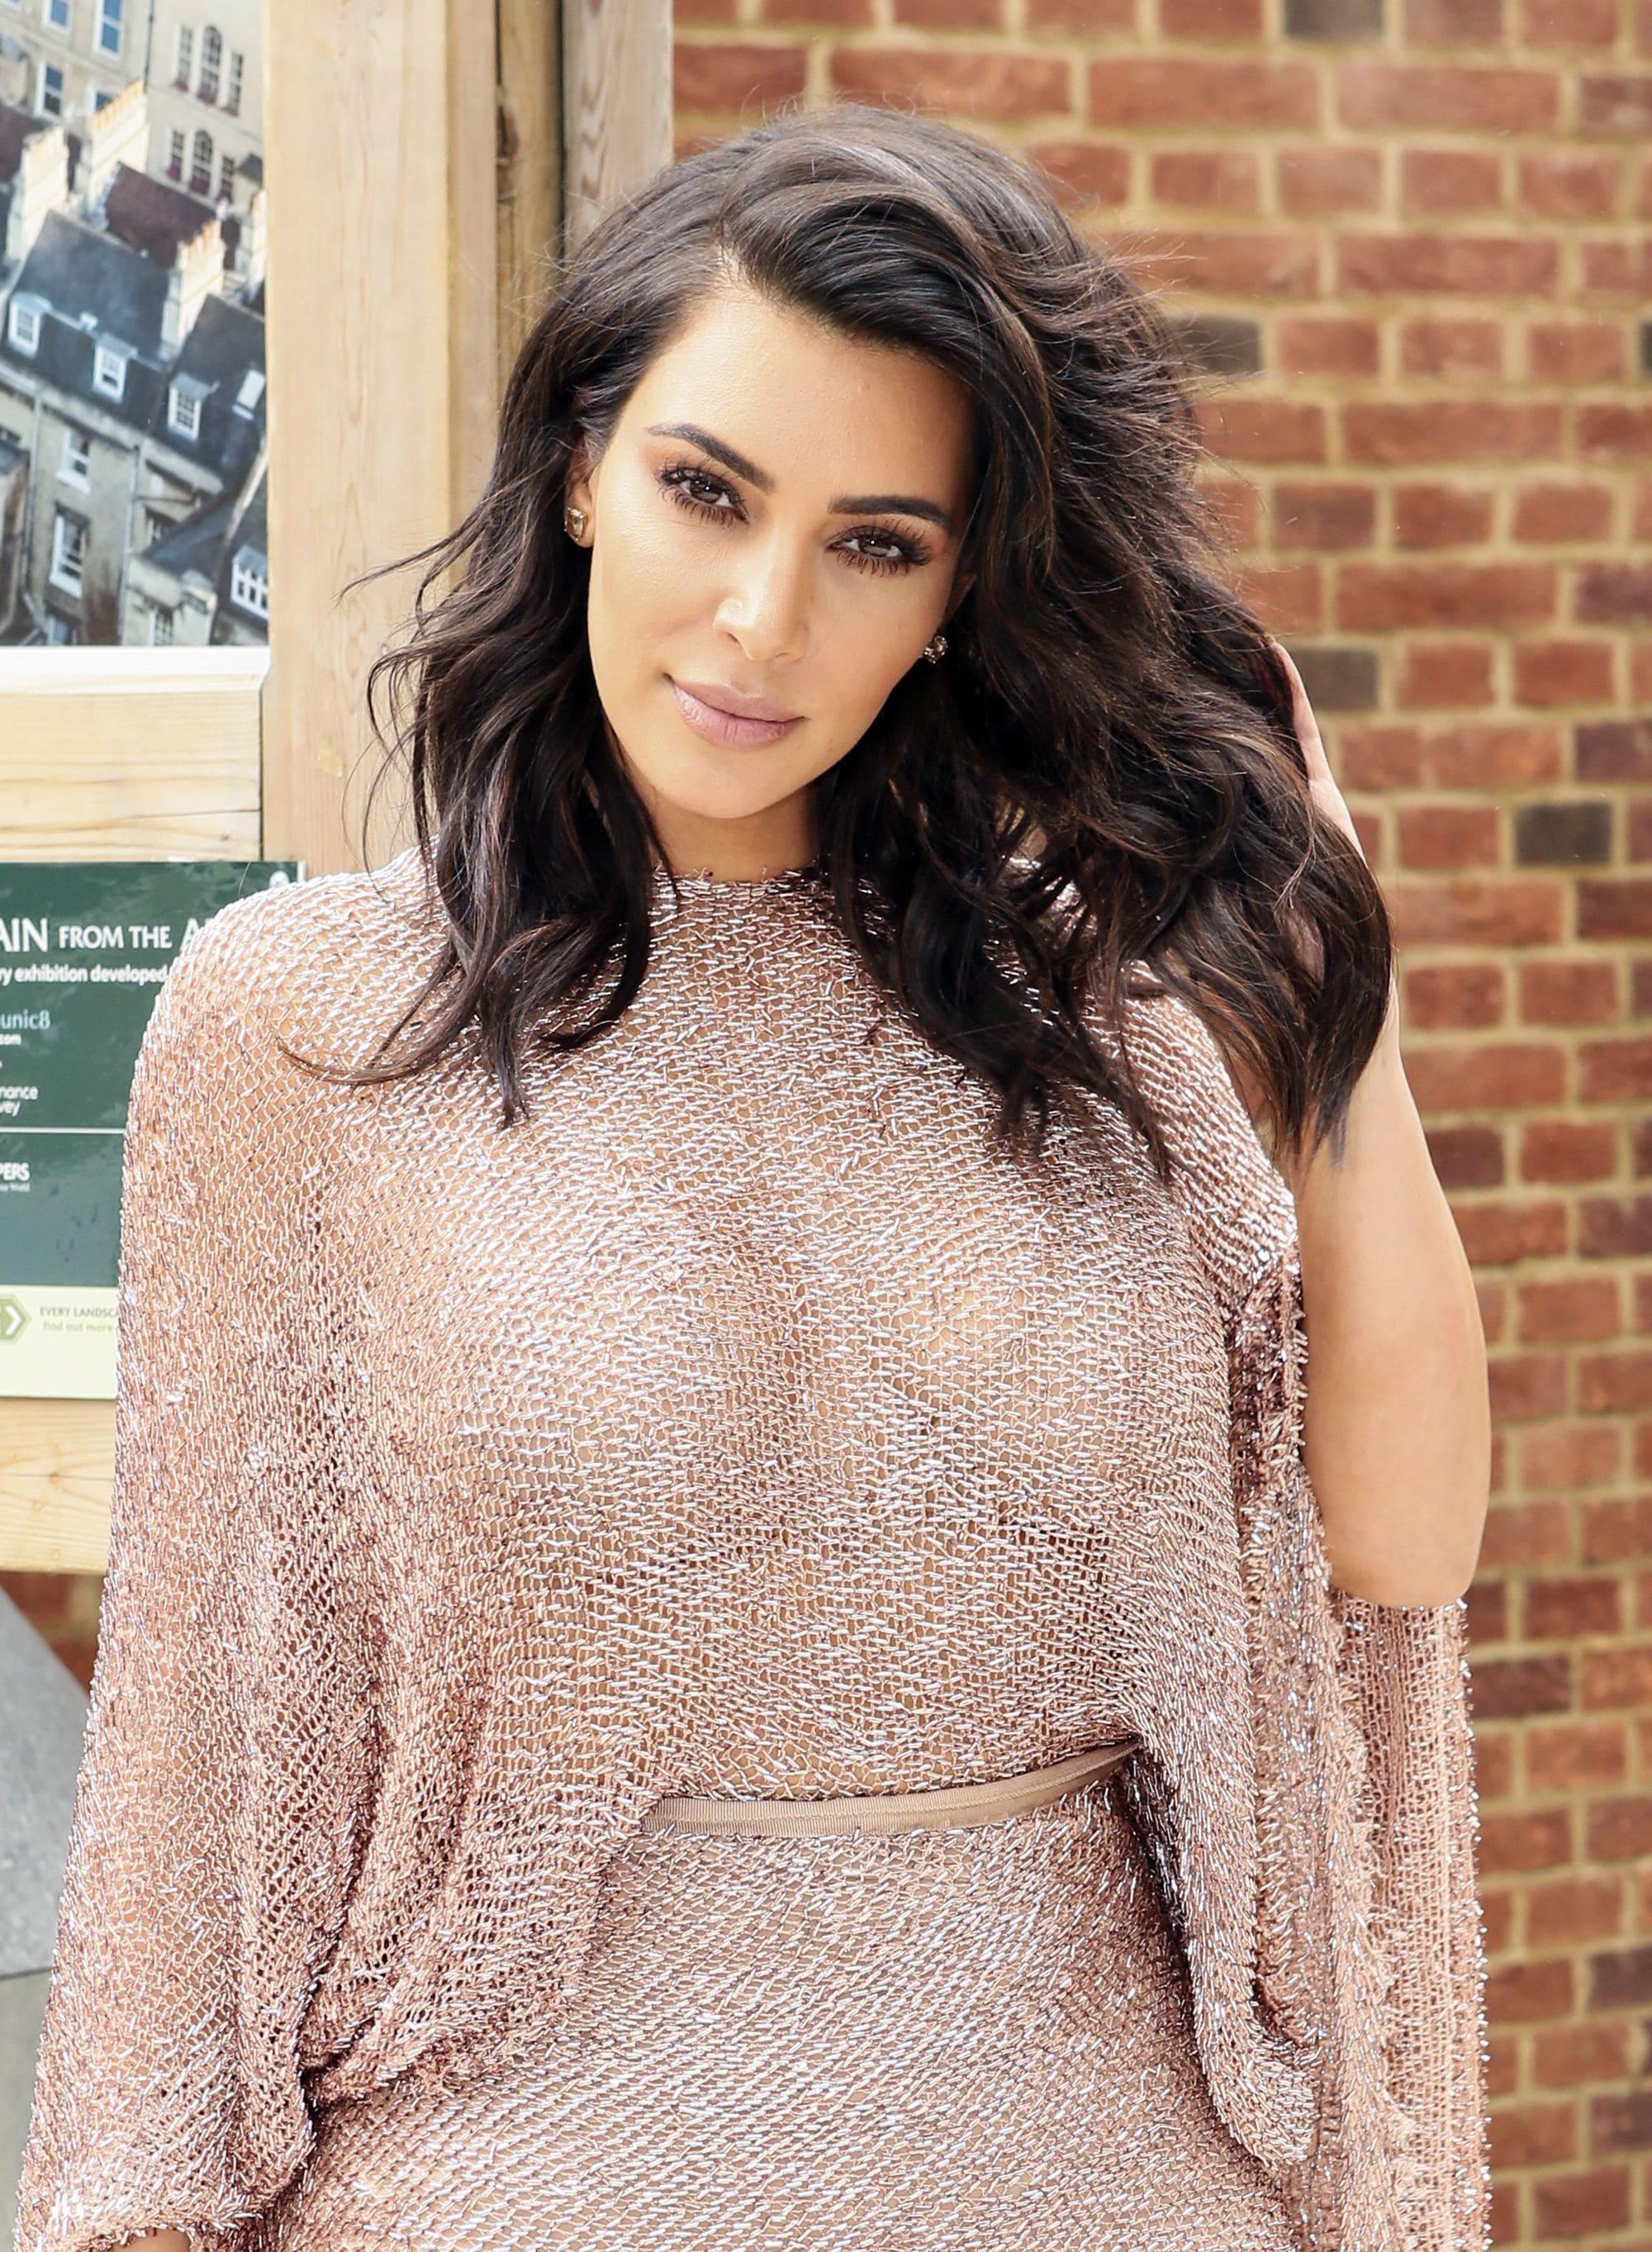 Kim Kardashian - Choppy black hair